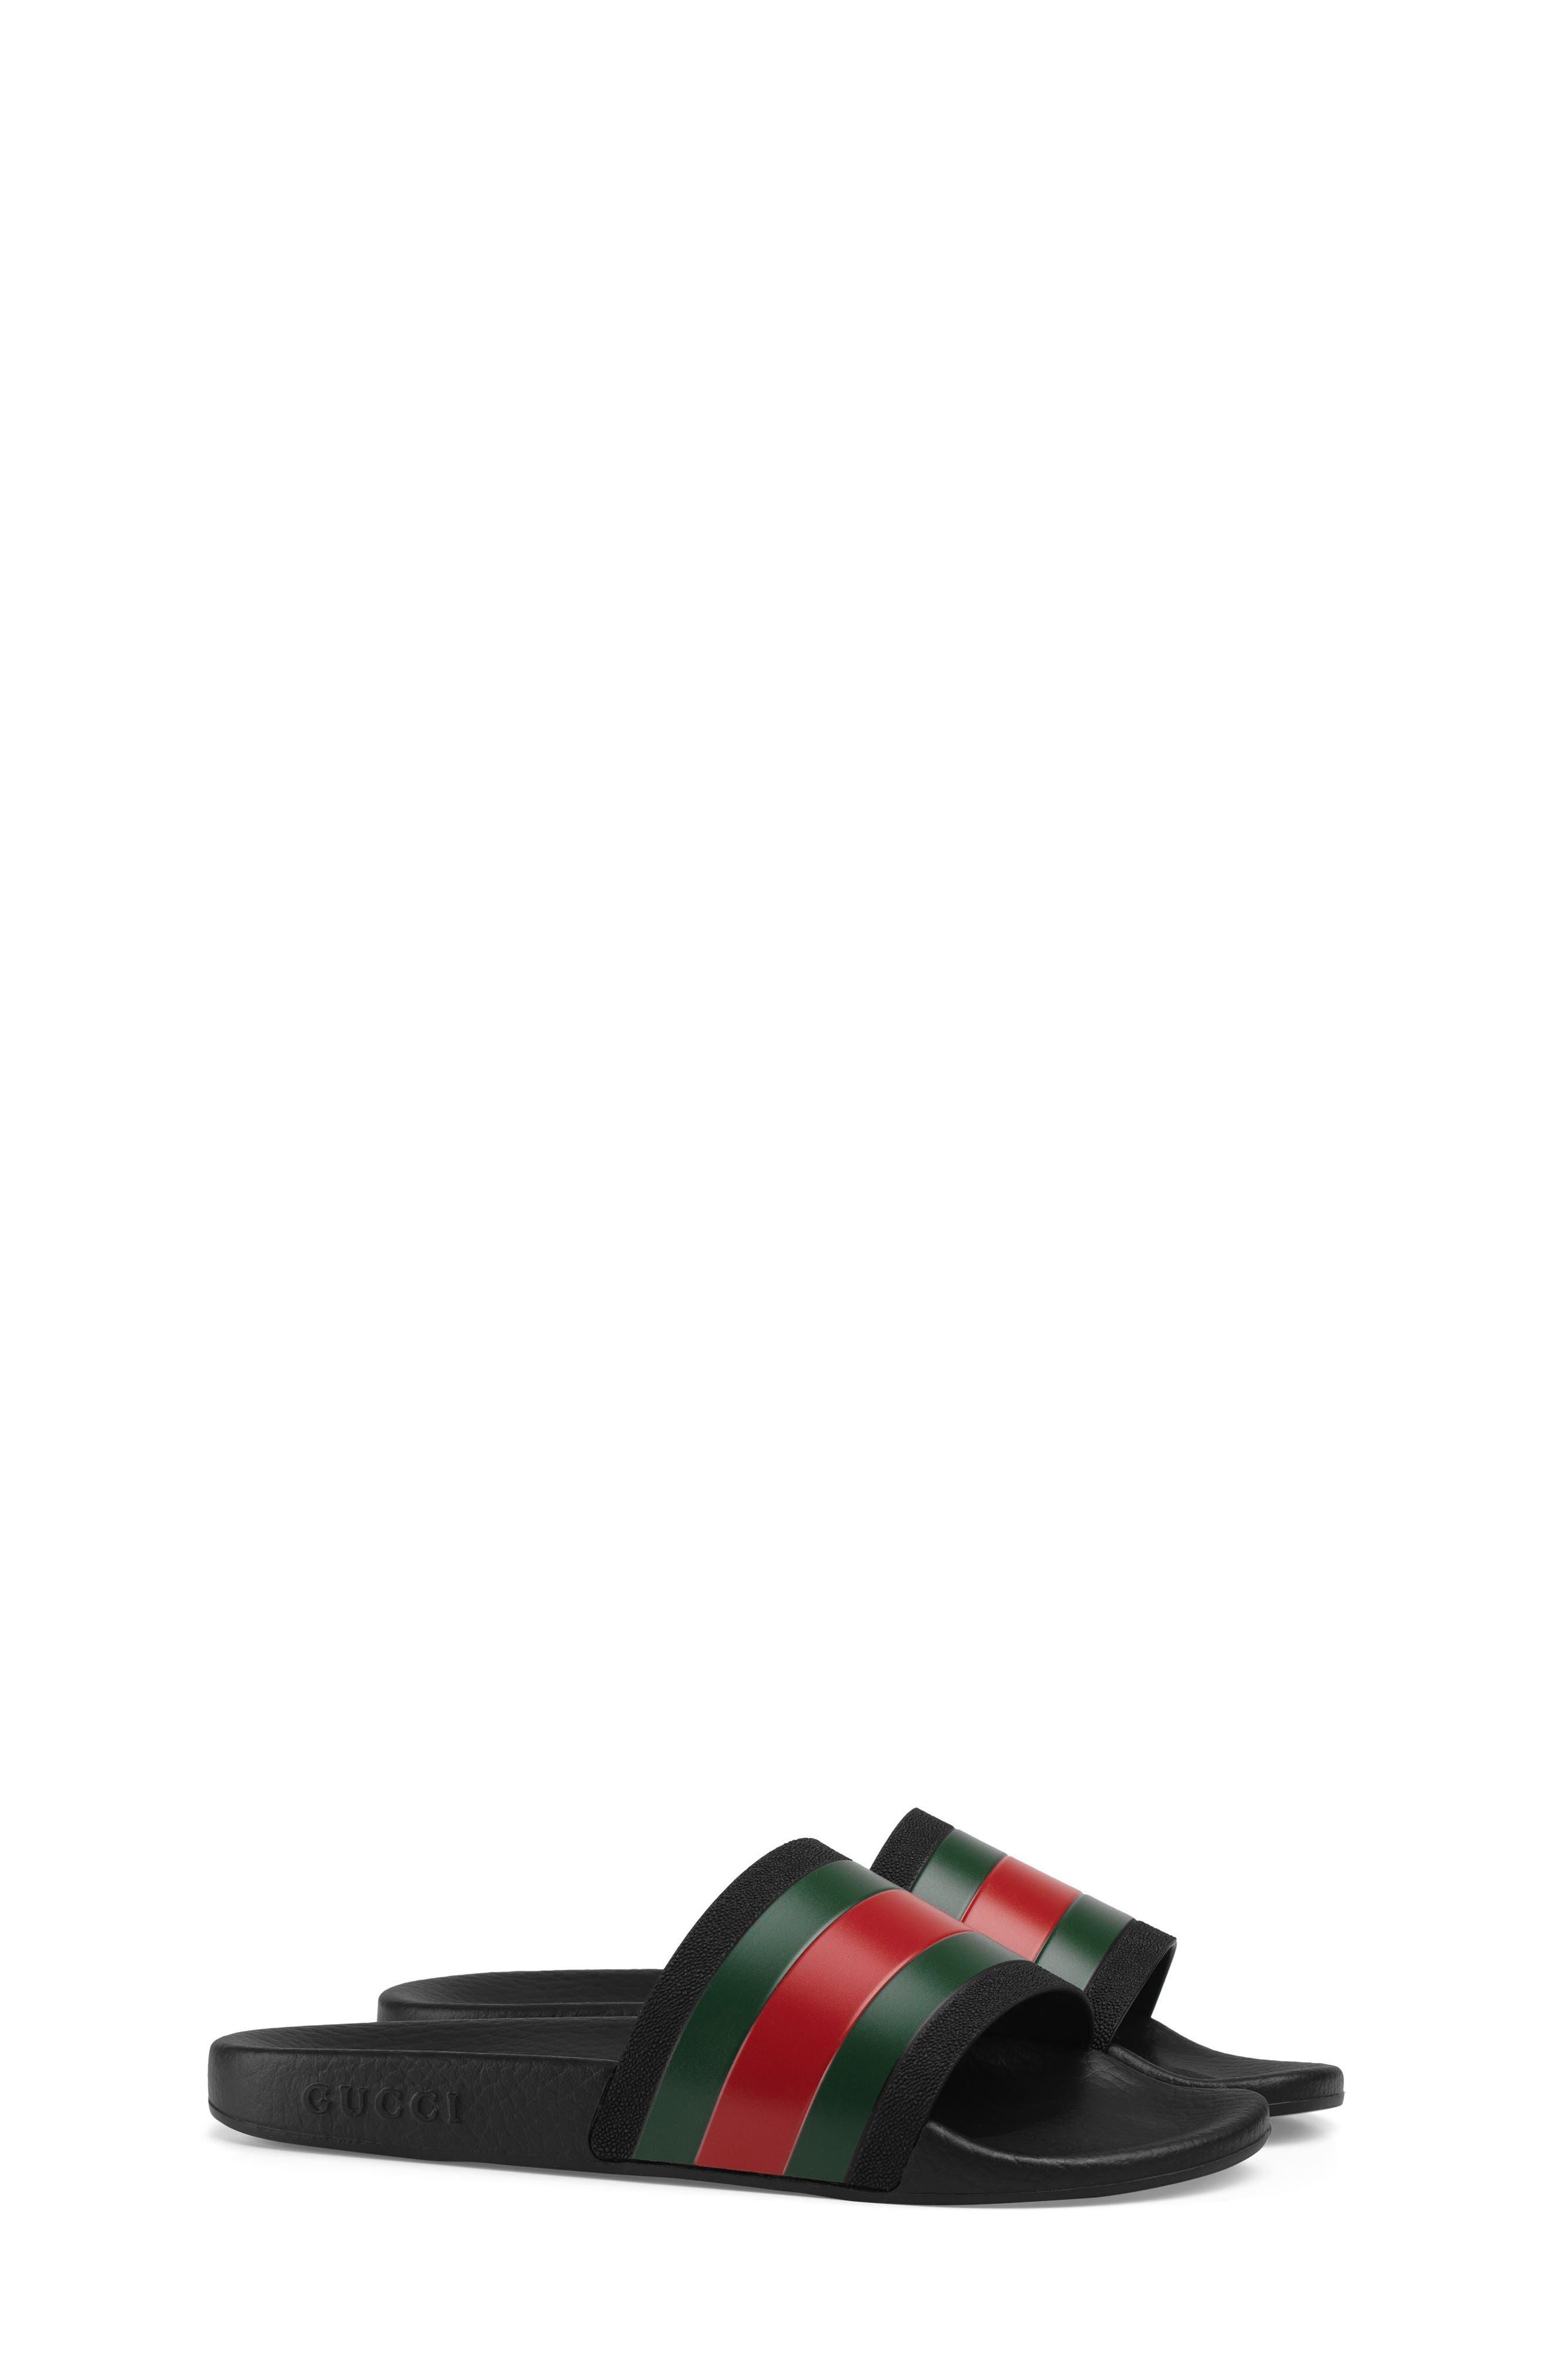 GUCCI Pursuit Slide Sandal, Main, color, 001